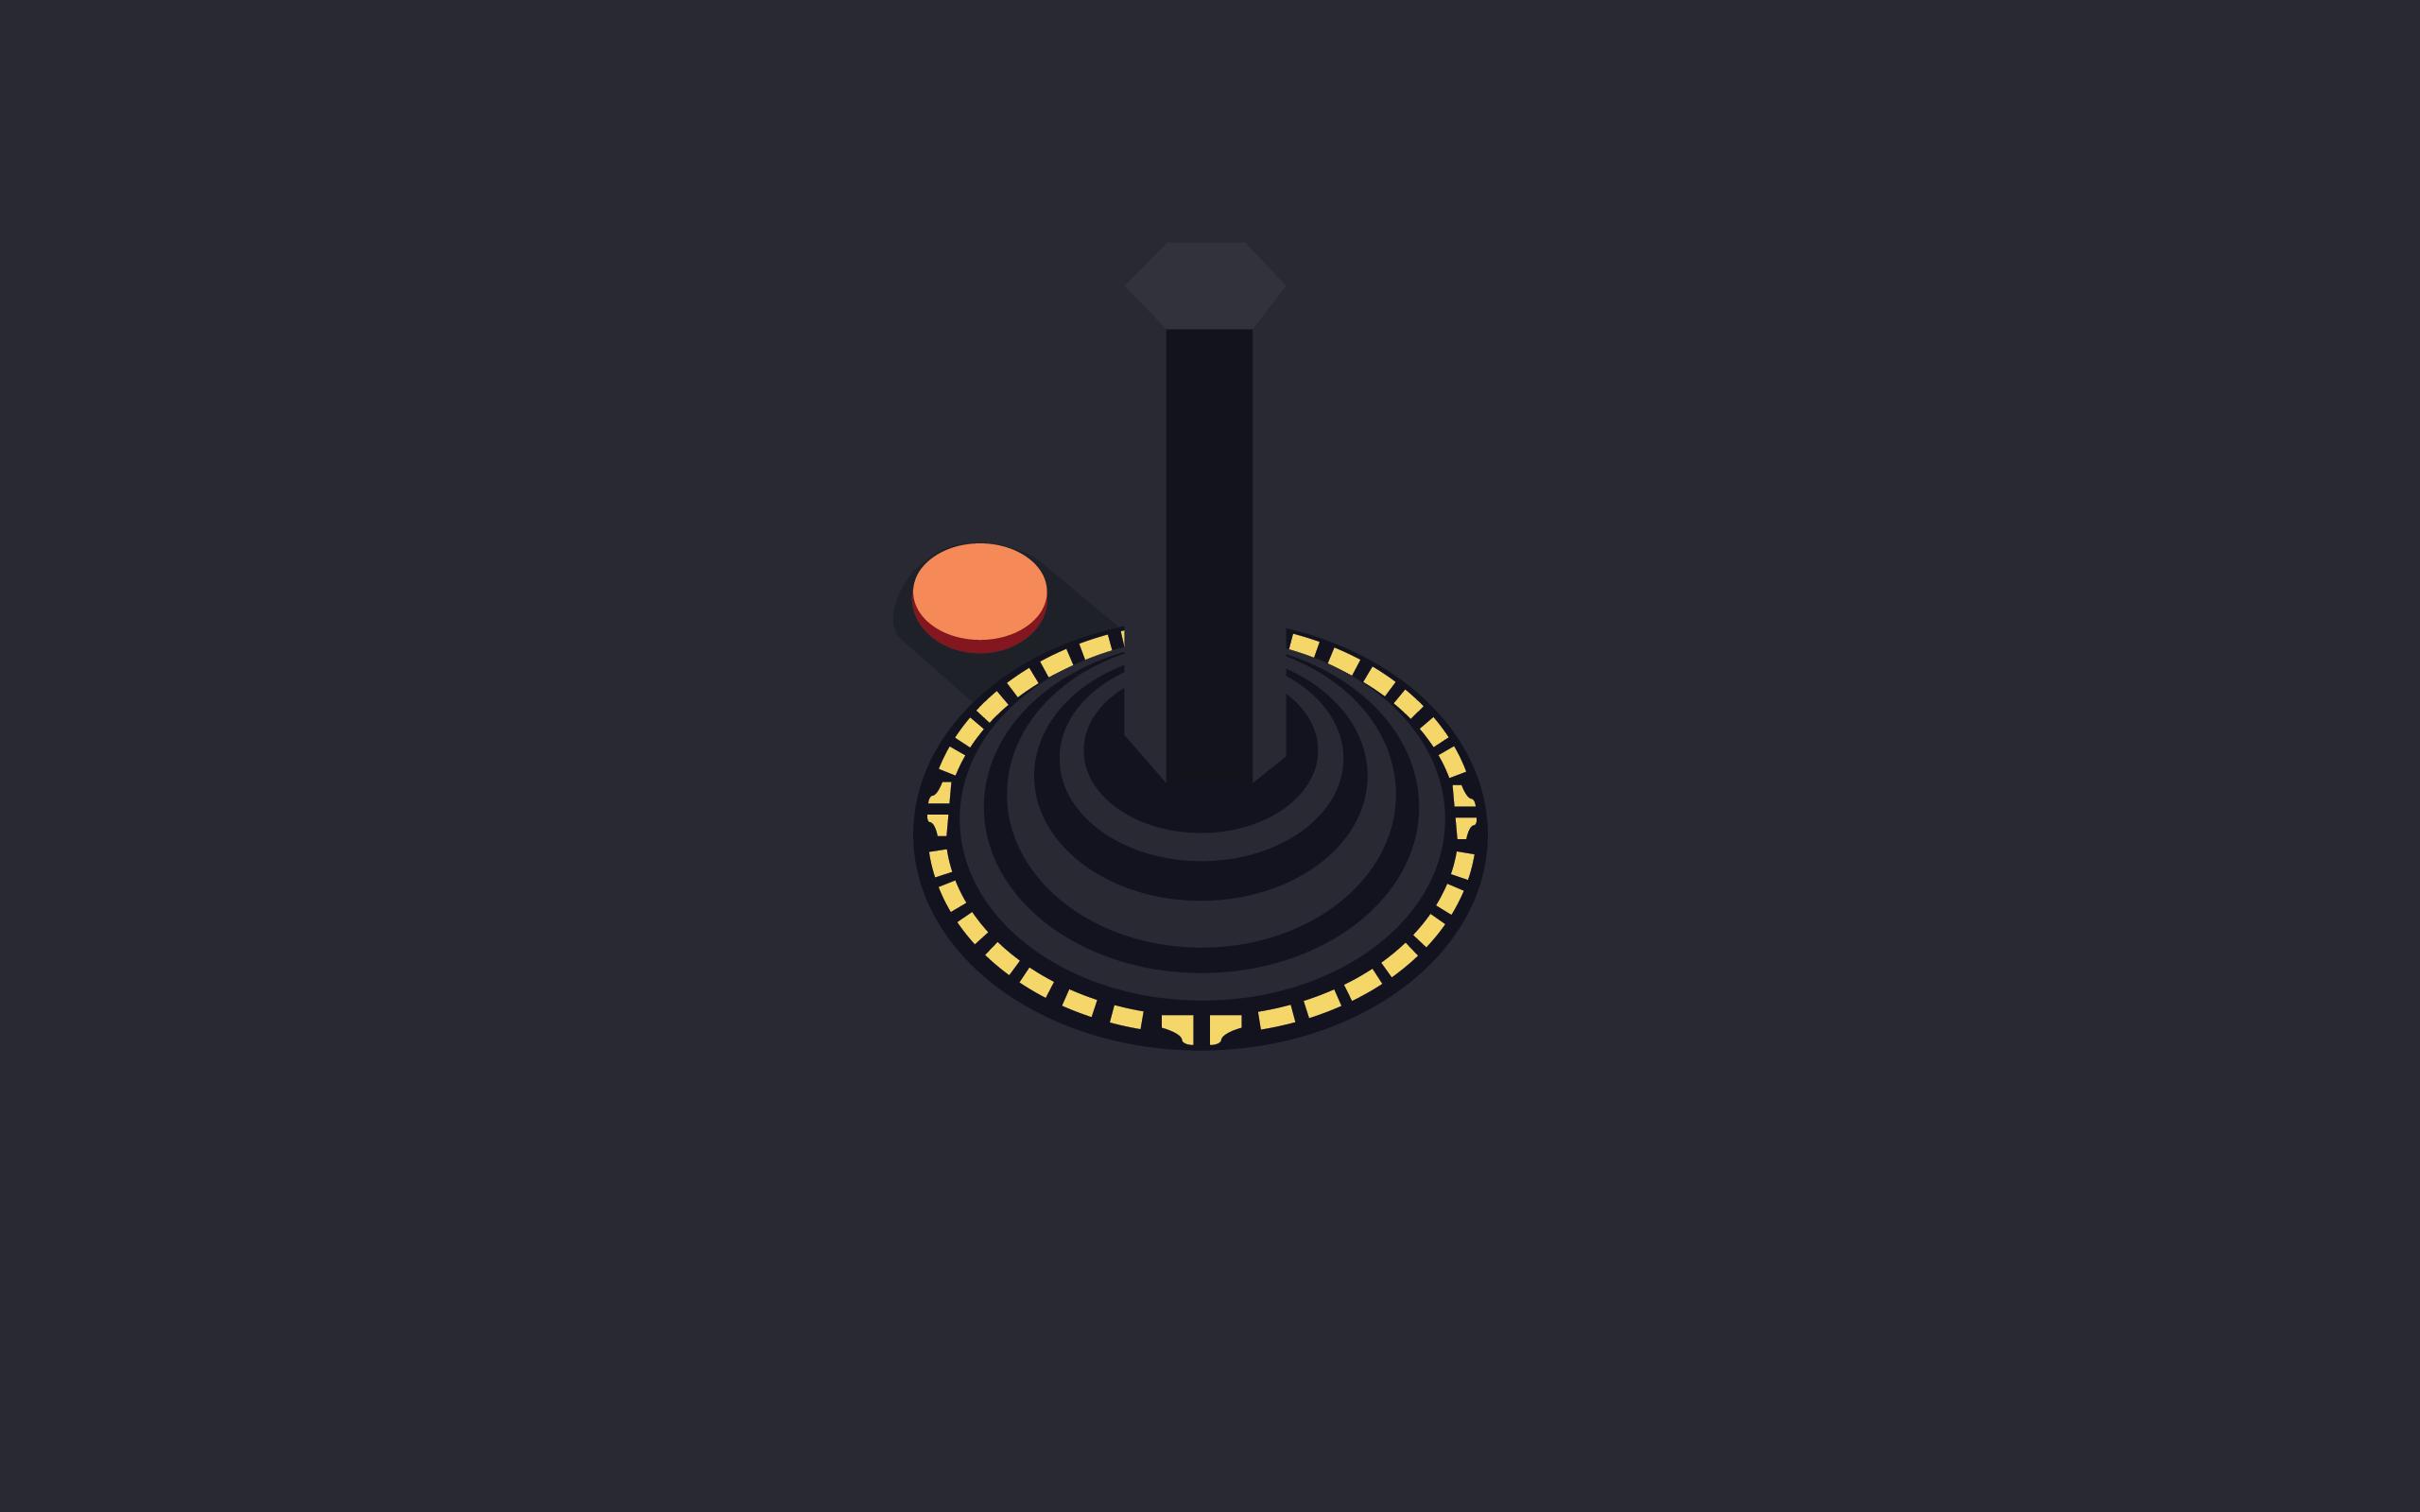 Minimalist Gaming Wallpaper - WallpaperSafari